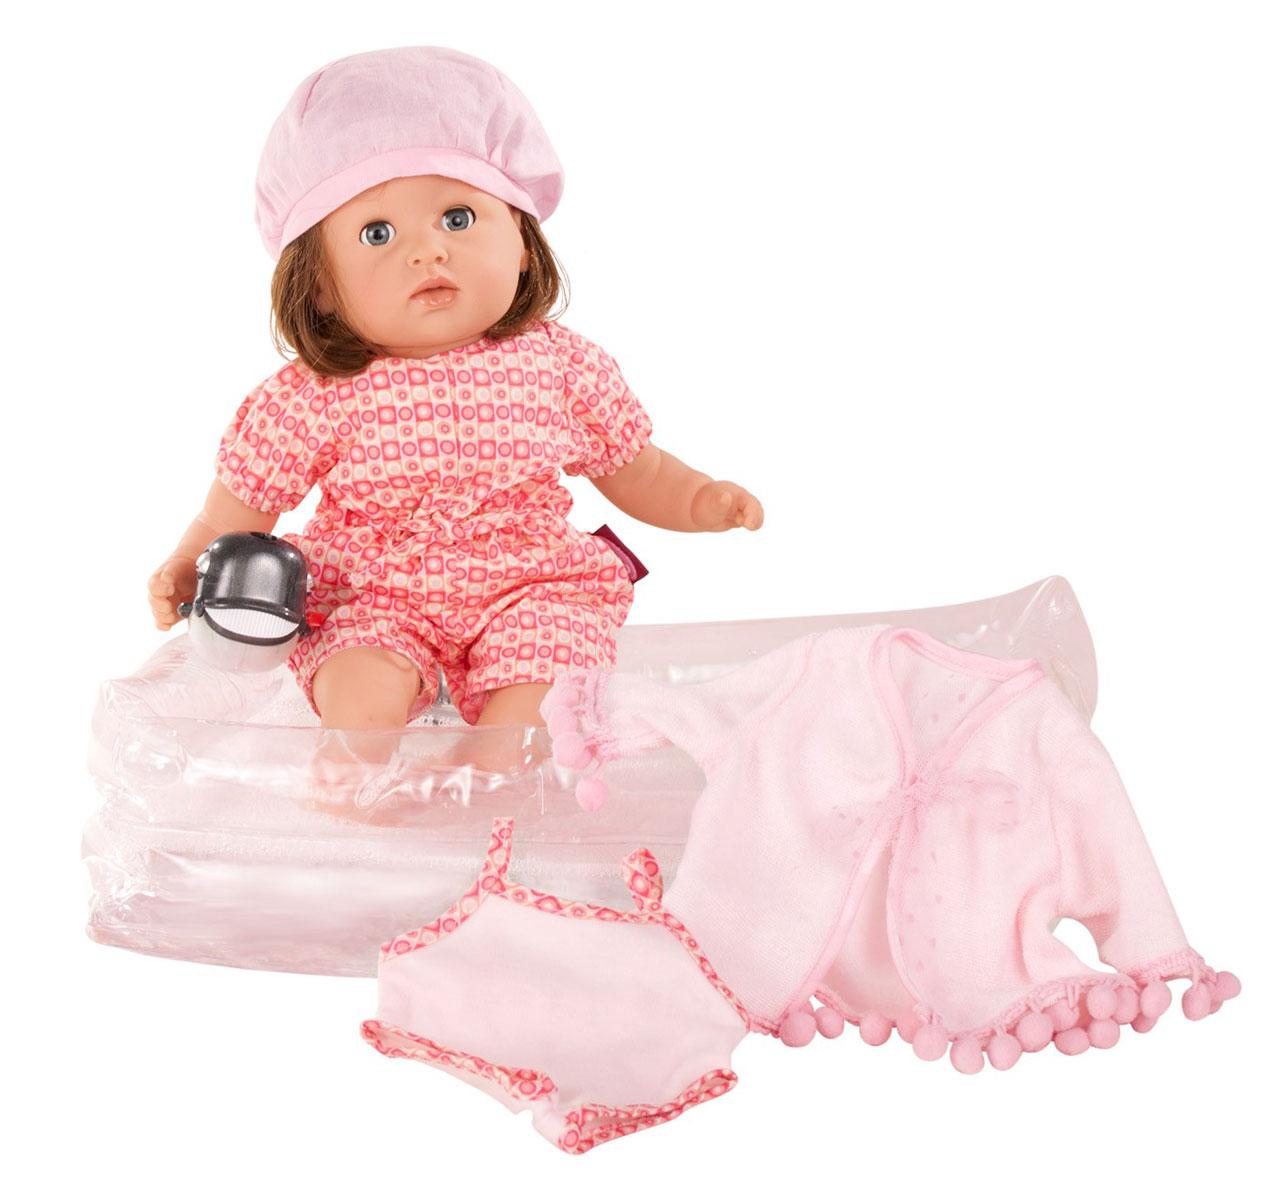 Gotz Пупс Аквини шатенка с голубыми глазами - Gotz - Gotz1416758Маленький пупс Аквини, которого можно купать, станет прекрасным подарком для каждой девочки, которая мечтает о младшем братике или сестренке. Аквини способен подарить ребенку много увлекательных часов игры и заботы. Пупса Gotz можно купать и кормить. Игрушка выполнена из винила, выдерживает длительное пребывание в воде, что позволяет ребенку брать ее с собой в ванну или купаться вместе в бассейне. После купания пупса можно укутать в мягкий розовый халатик. Кукла одета в легкий наряд розового цвета, на голове у нее - милый беретик. У куклы реалистичный внешний вид: на руках складочки, детально передано строение ног и рук ребенка, повторяются позы малыша. В процессе игры у ребенка формируется логическое мышление, развивается речь. Девочка осваивает нормы и правила поведения, знакомится с особенностями строение тела и функциями организма. Малыш имеет очаровательные черты лица: маленький рот и носик, широко раскрытые глазки, которыми он может моргать. Пупс не имеет...